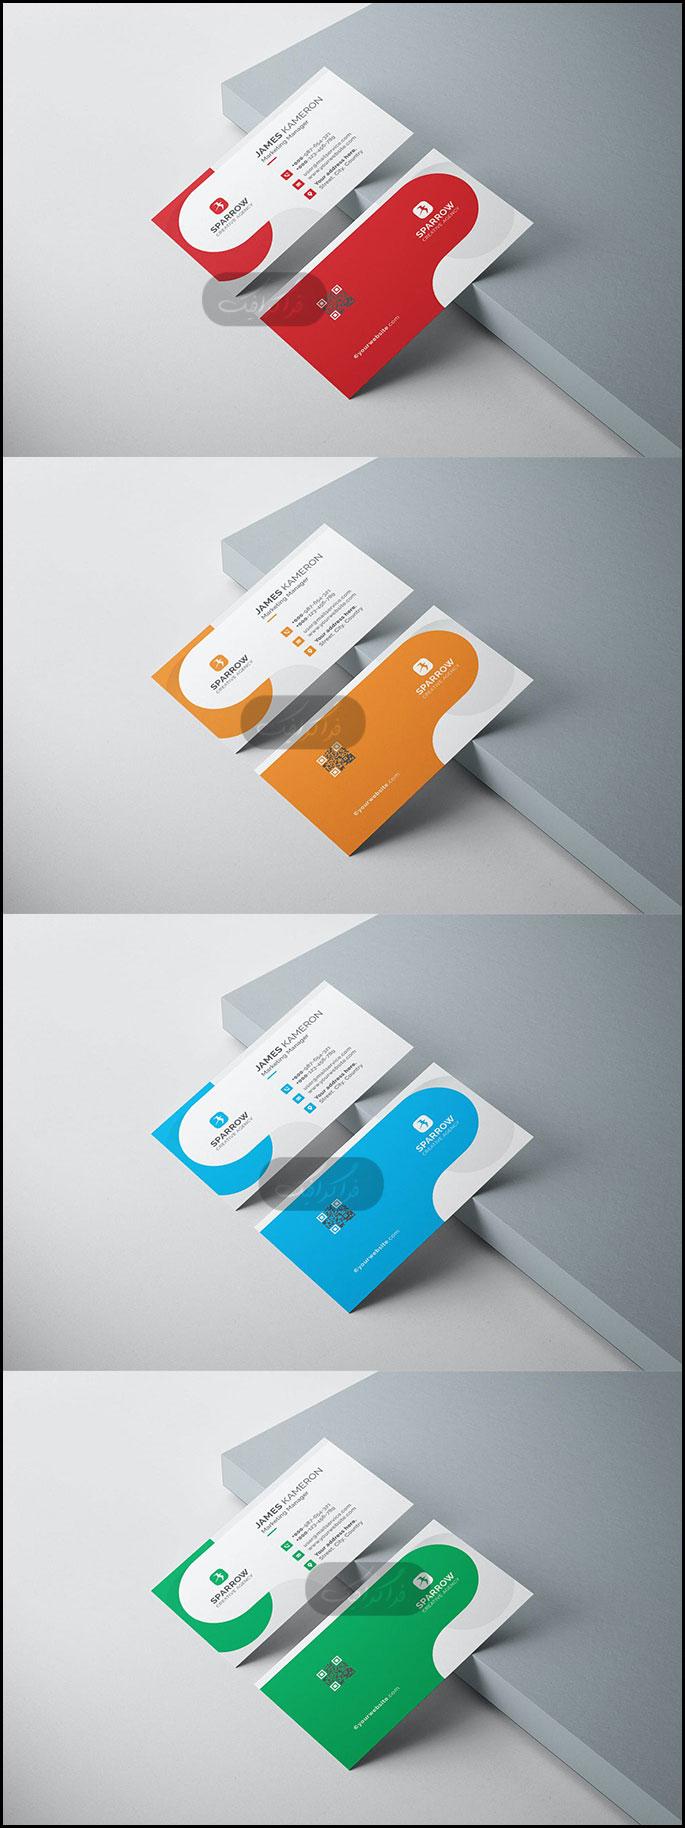 دانلود کارت ویزیت شرکتی لایه باز فتوشاپ - شماره 345